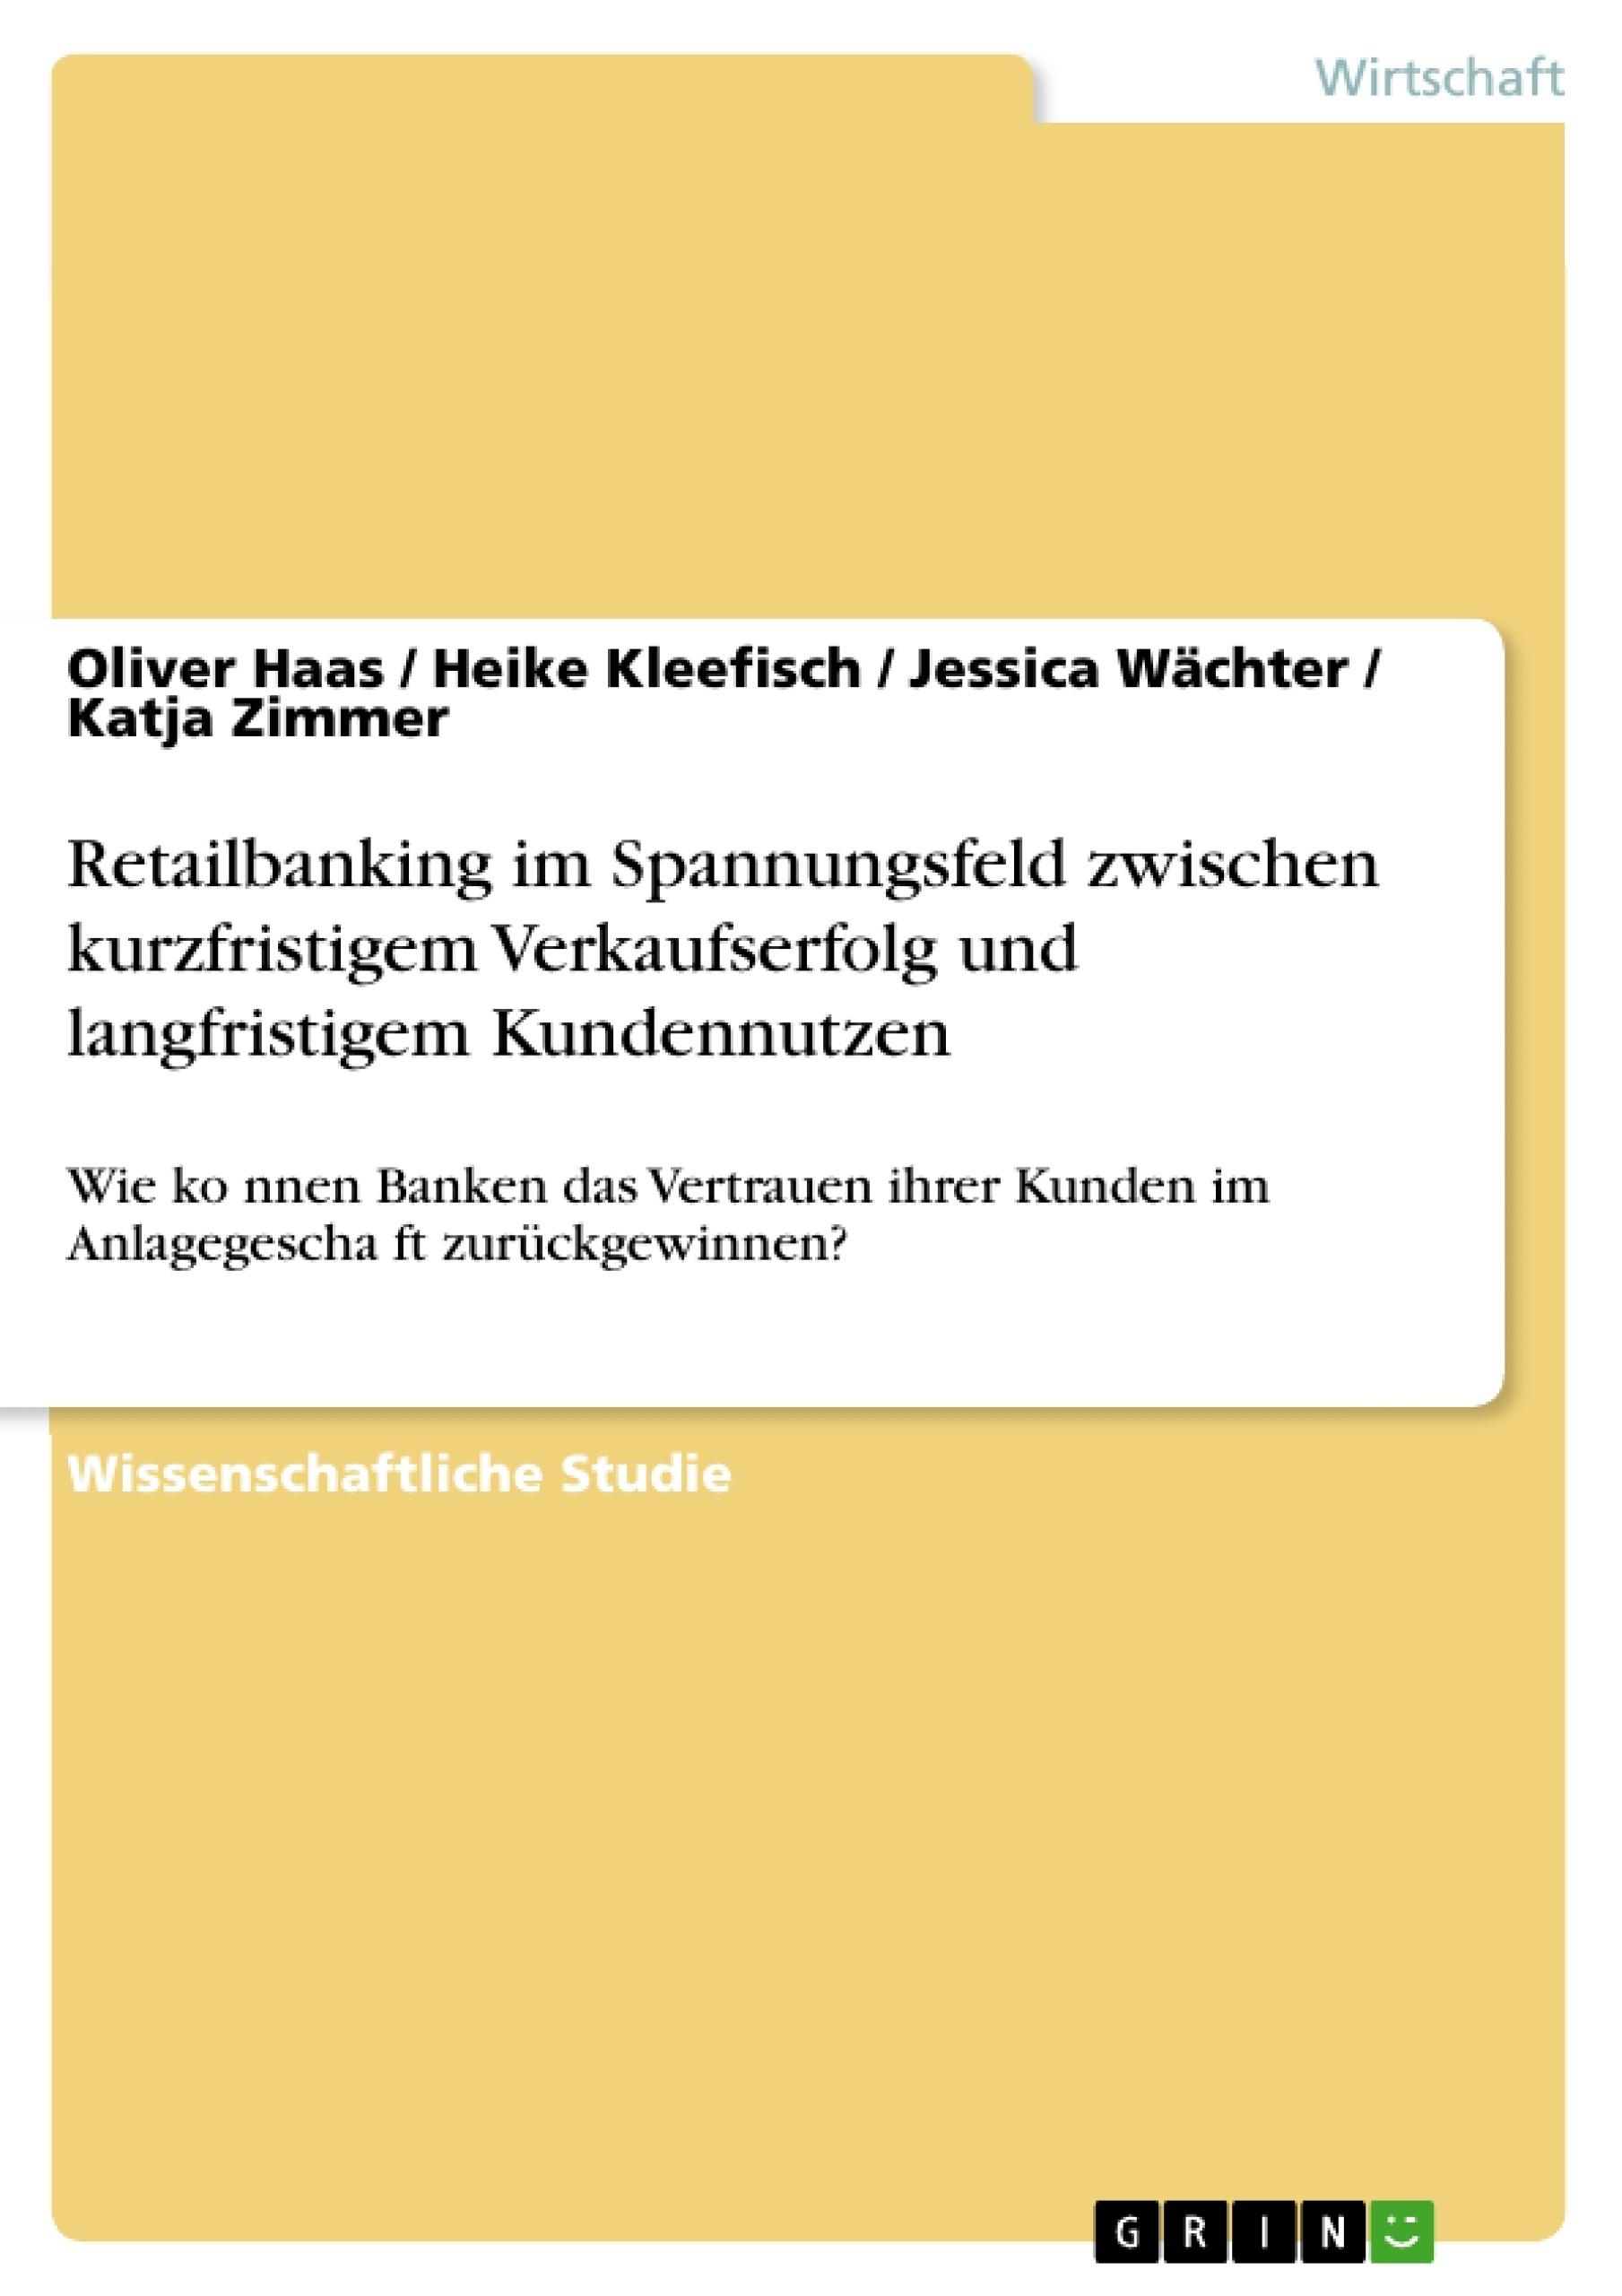 Titel: Retailbanking im Spannungsfeld zwischen kurzfristigem Verkaufserfolg und langfristigem Kundennutzen